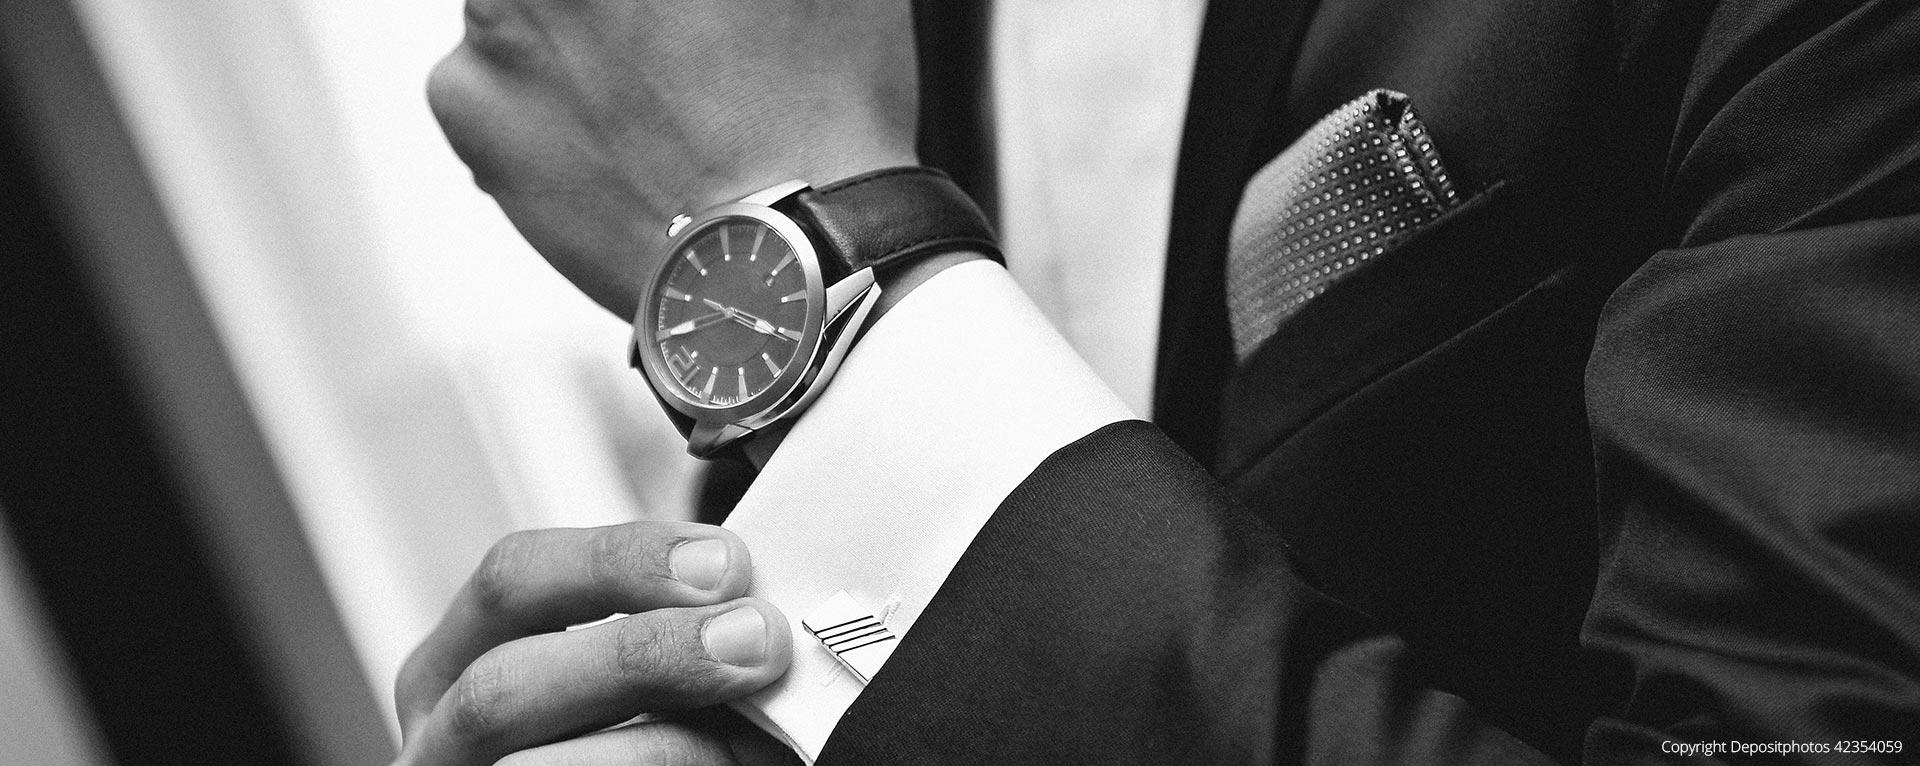 Herrenuhren Die Besten Marken Und Modell Für Echte Männer